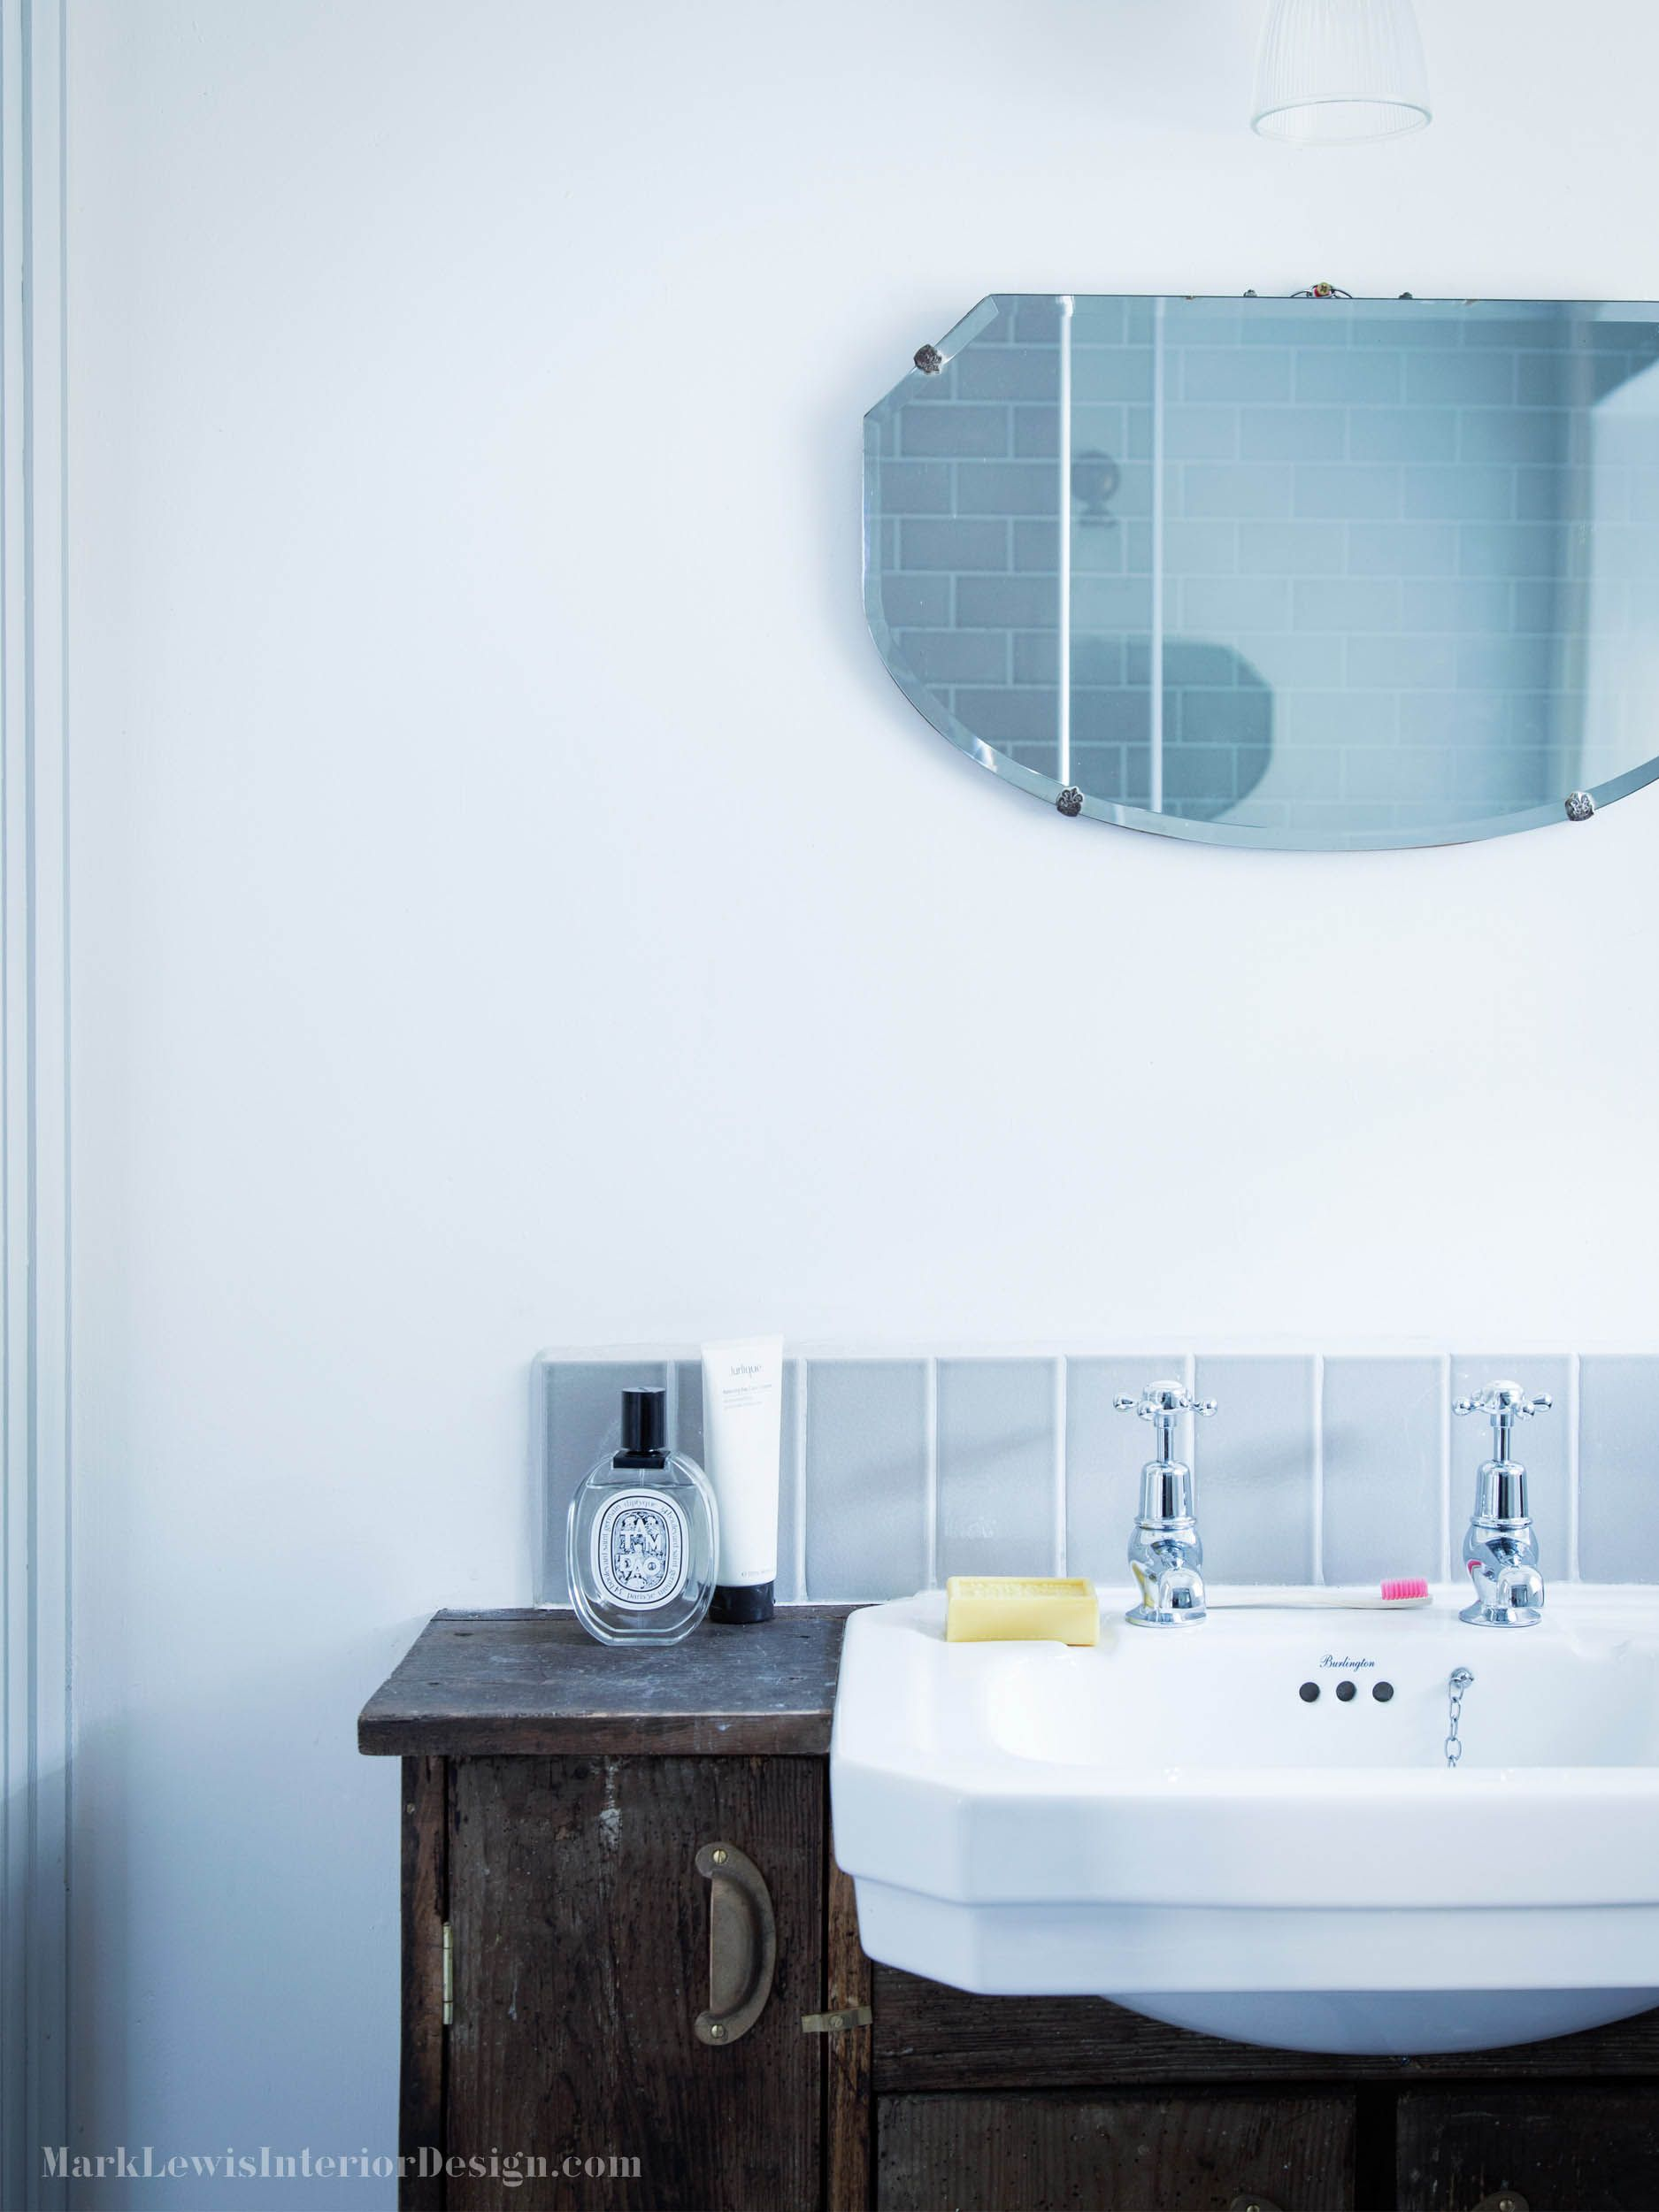 Mark Lewis Interior Design Dorset Bathroom